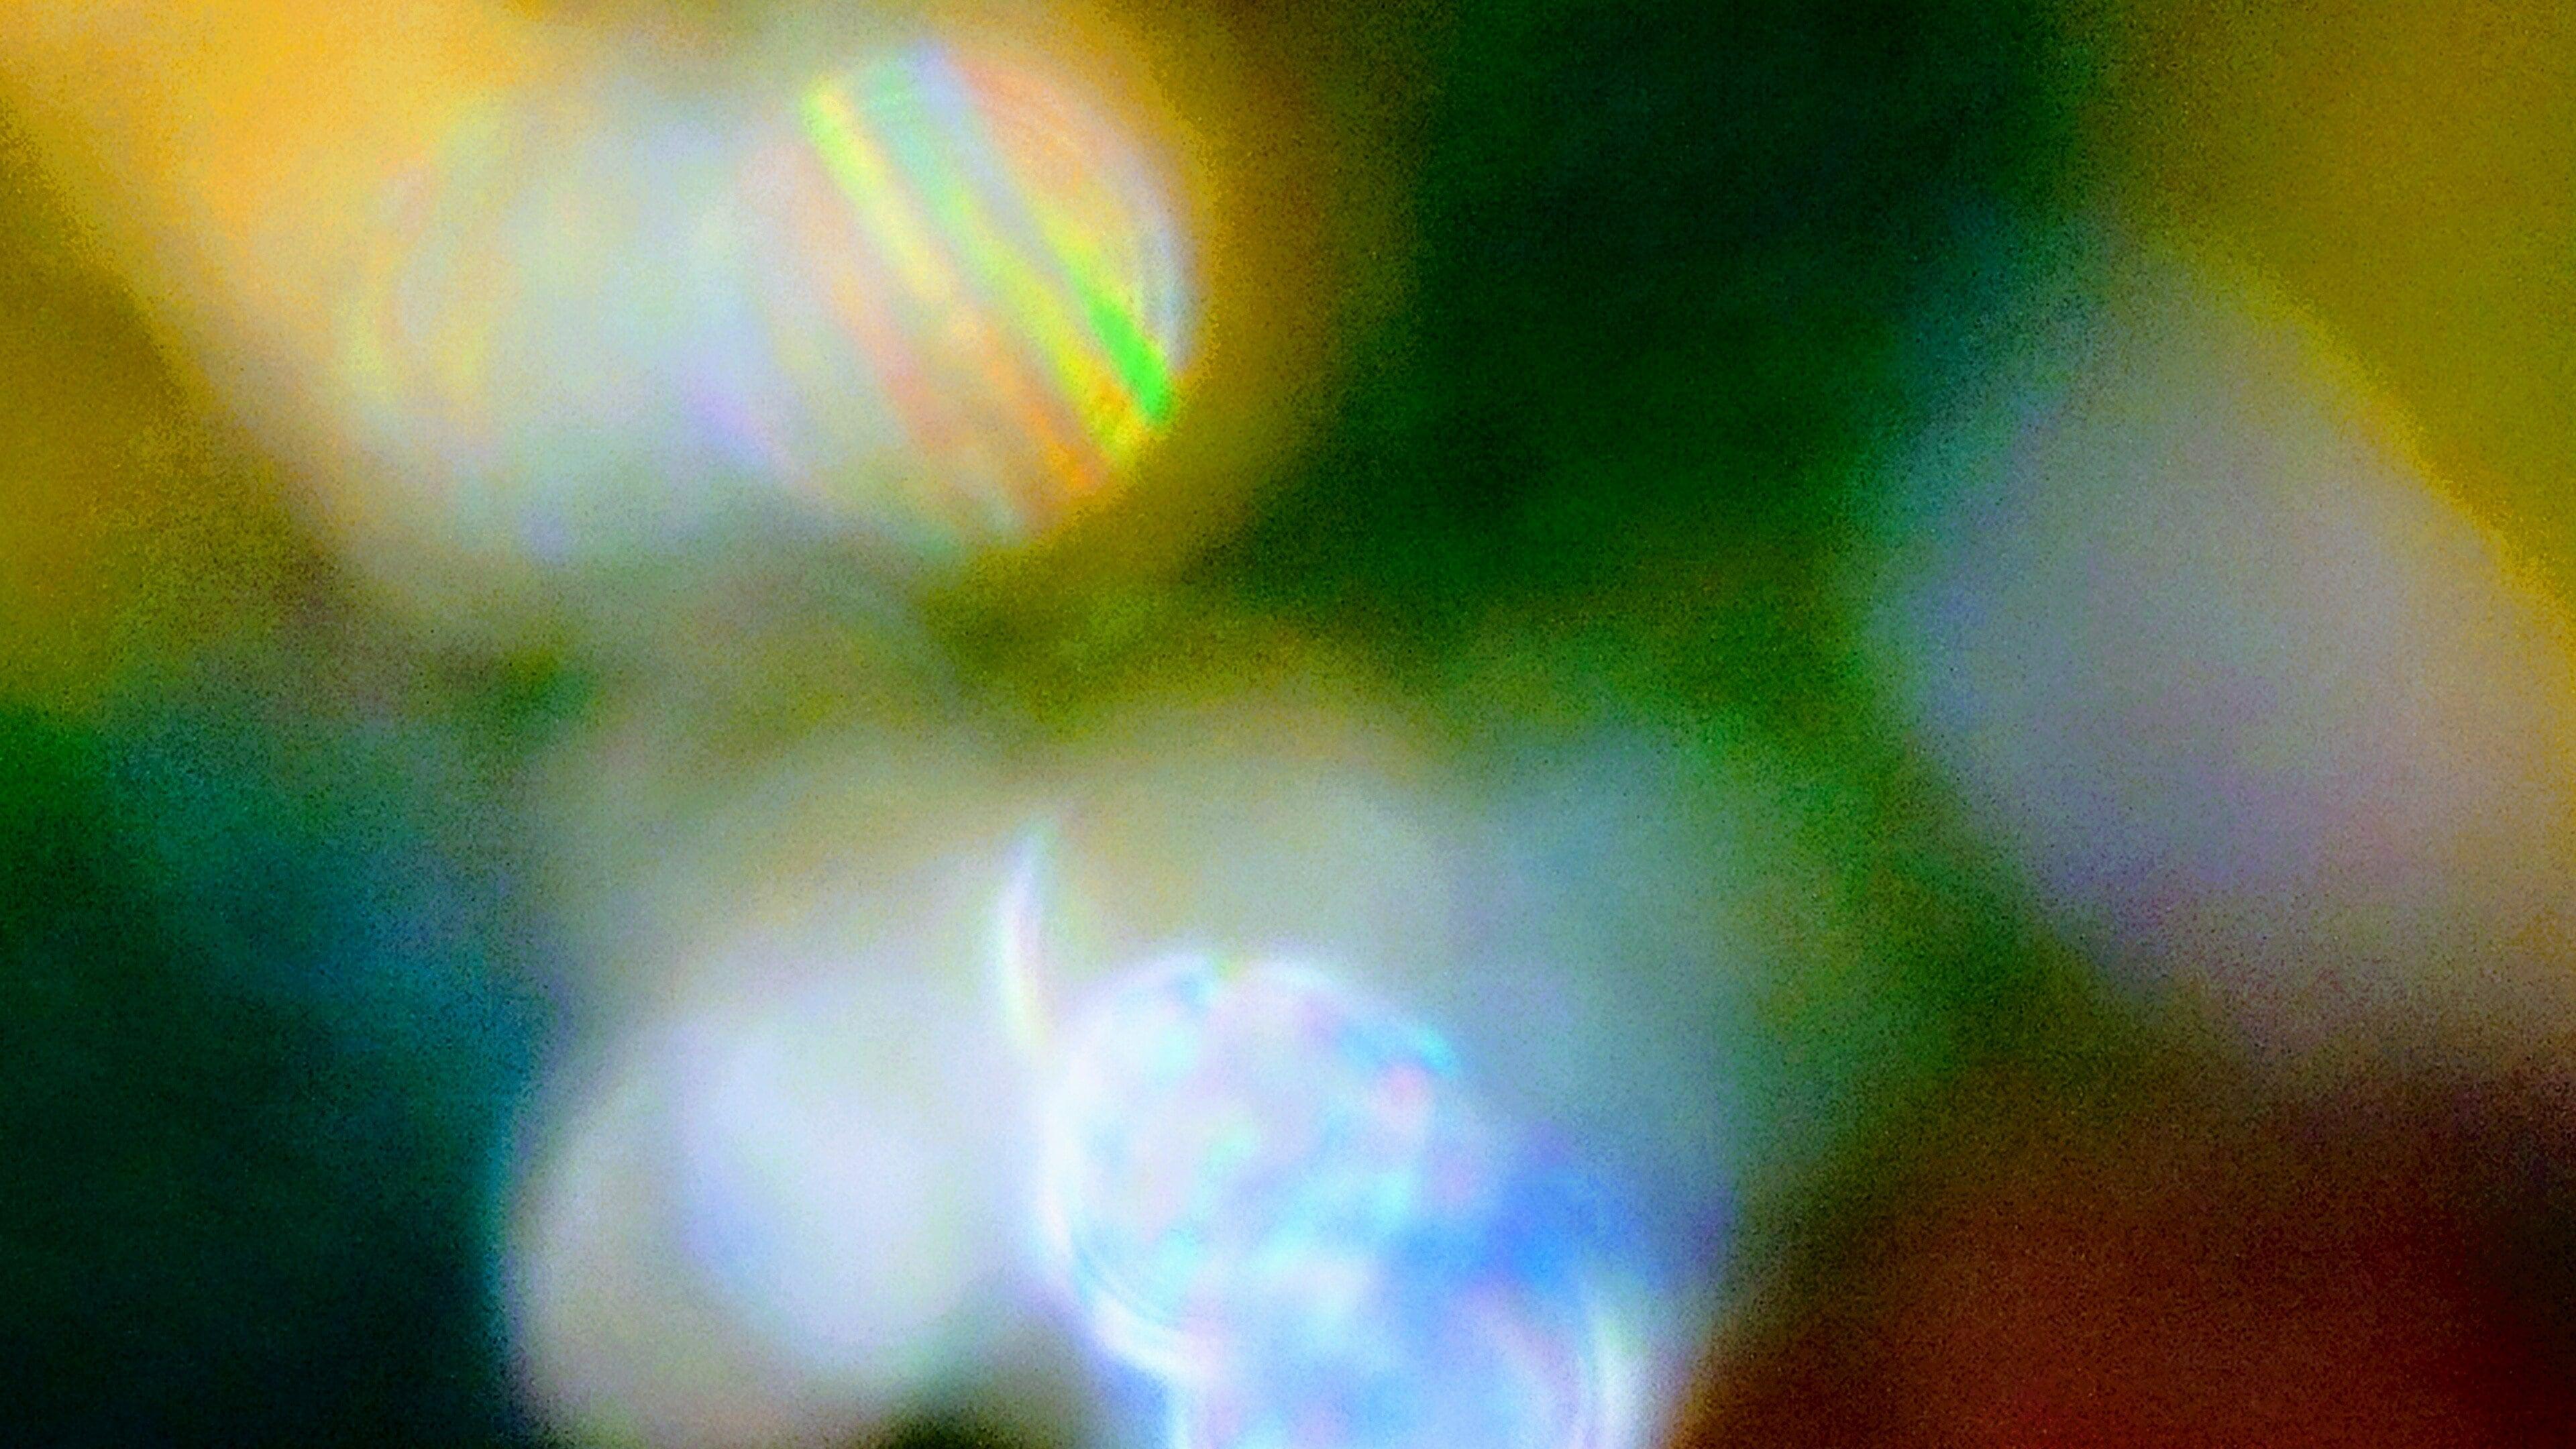 星々たちからの伝言 ライトランゲージヒーリングのイメージその1